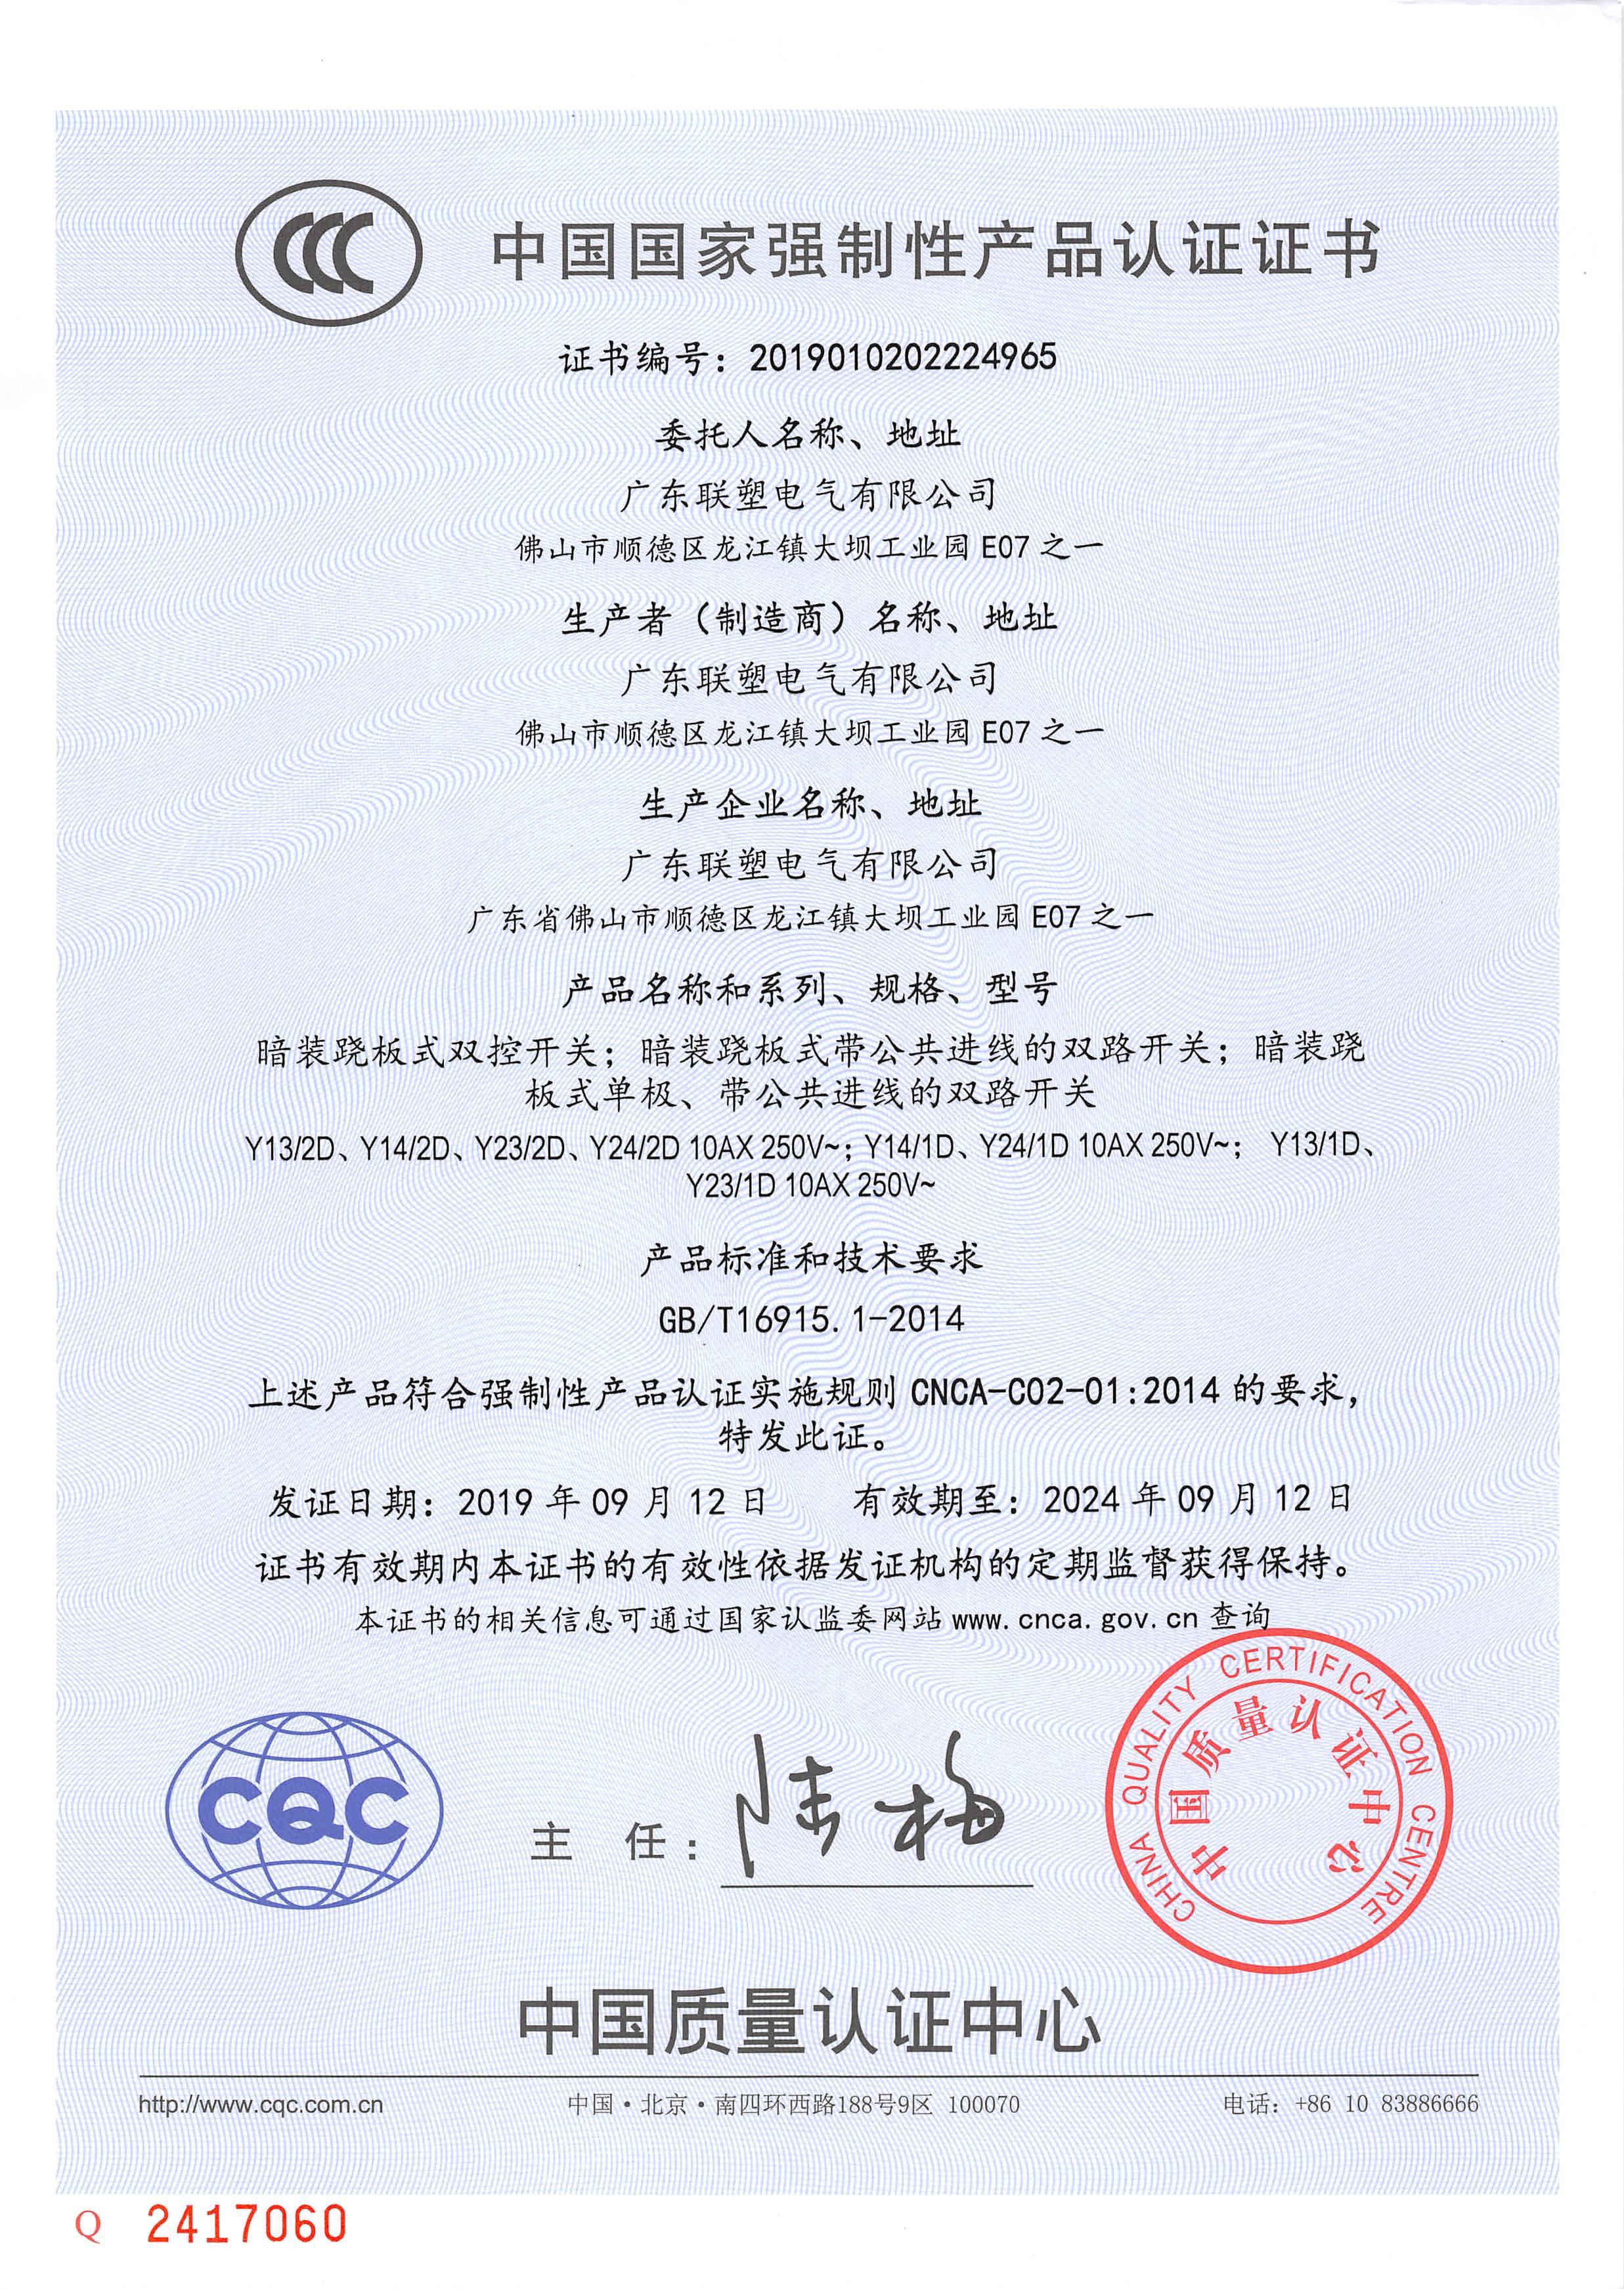 卓壹系列产品3C认证